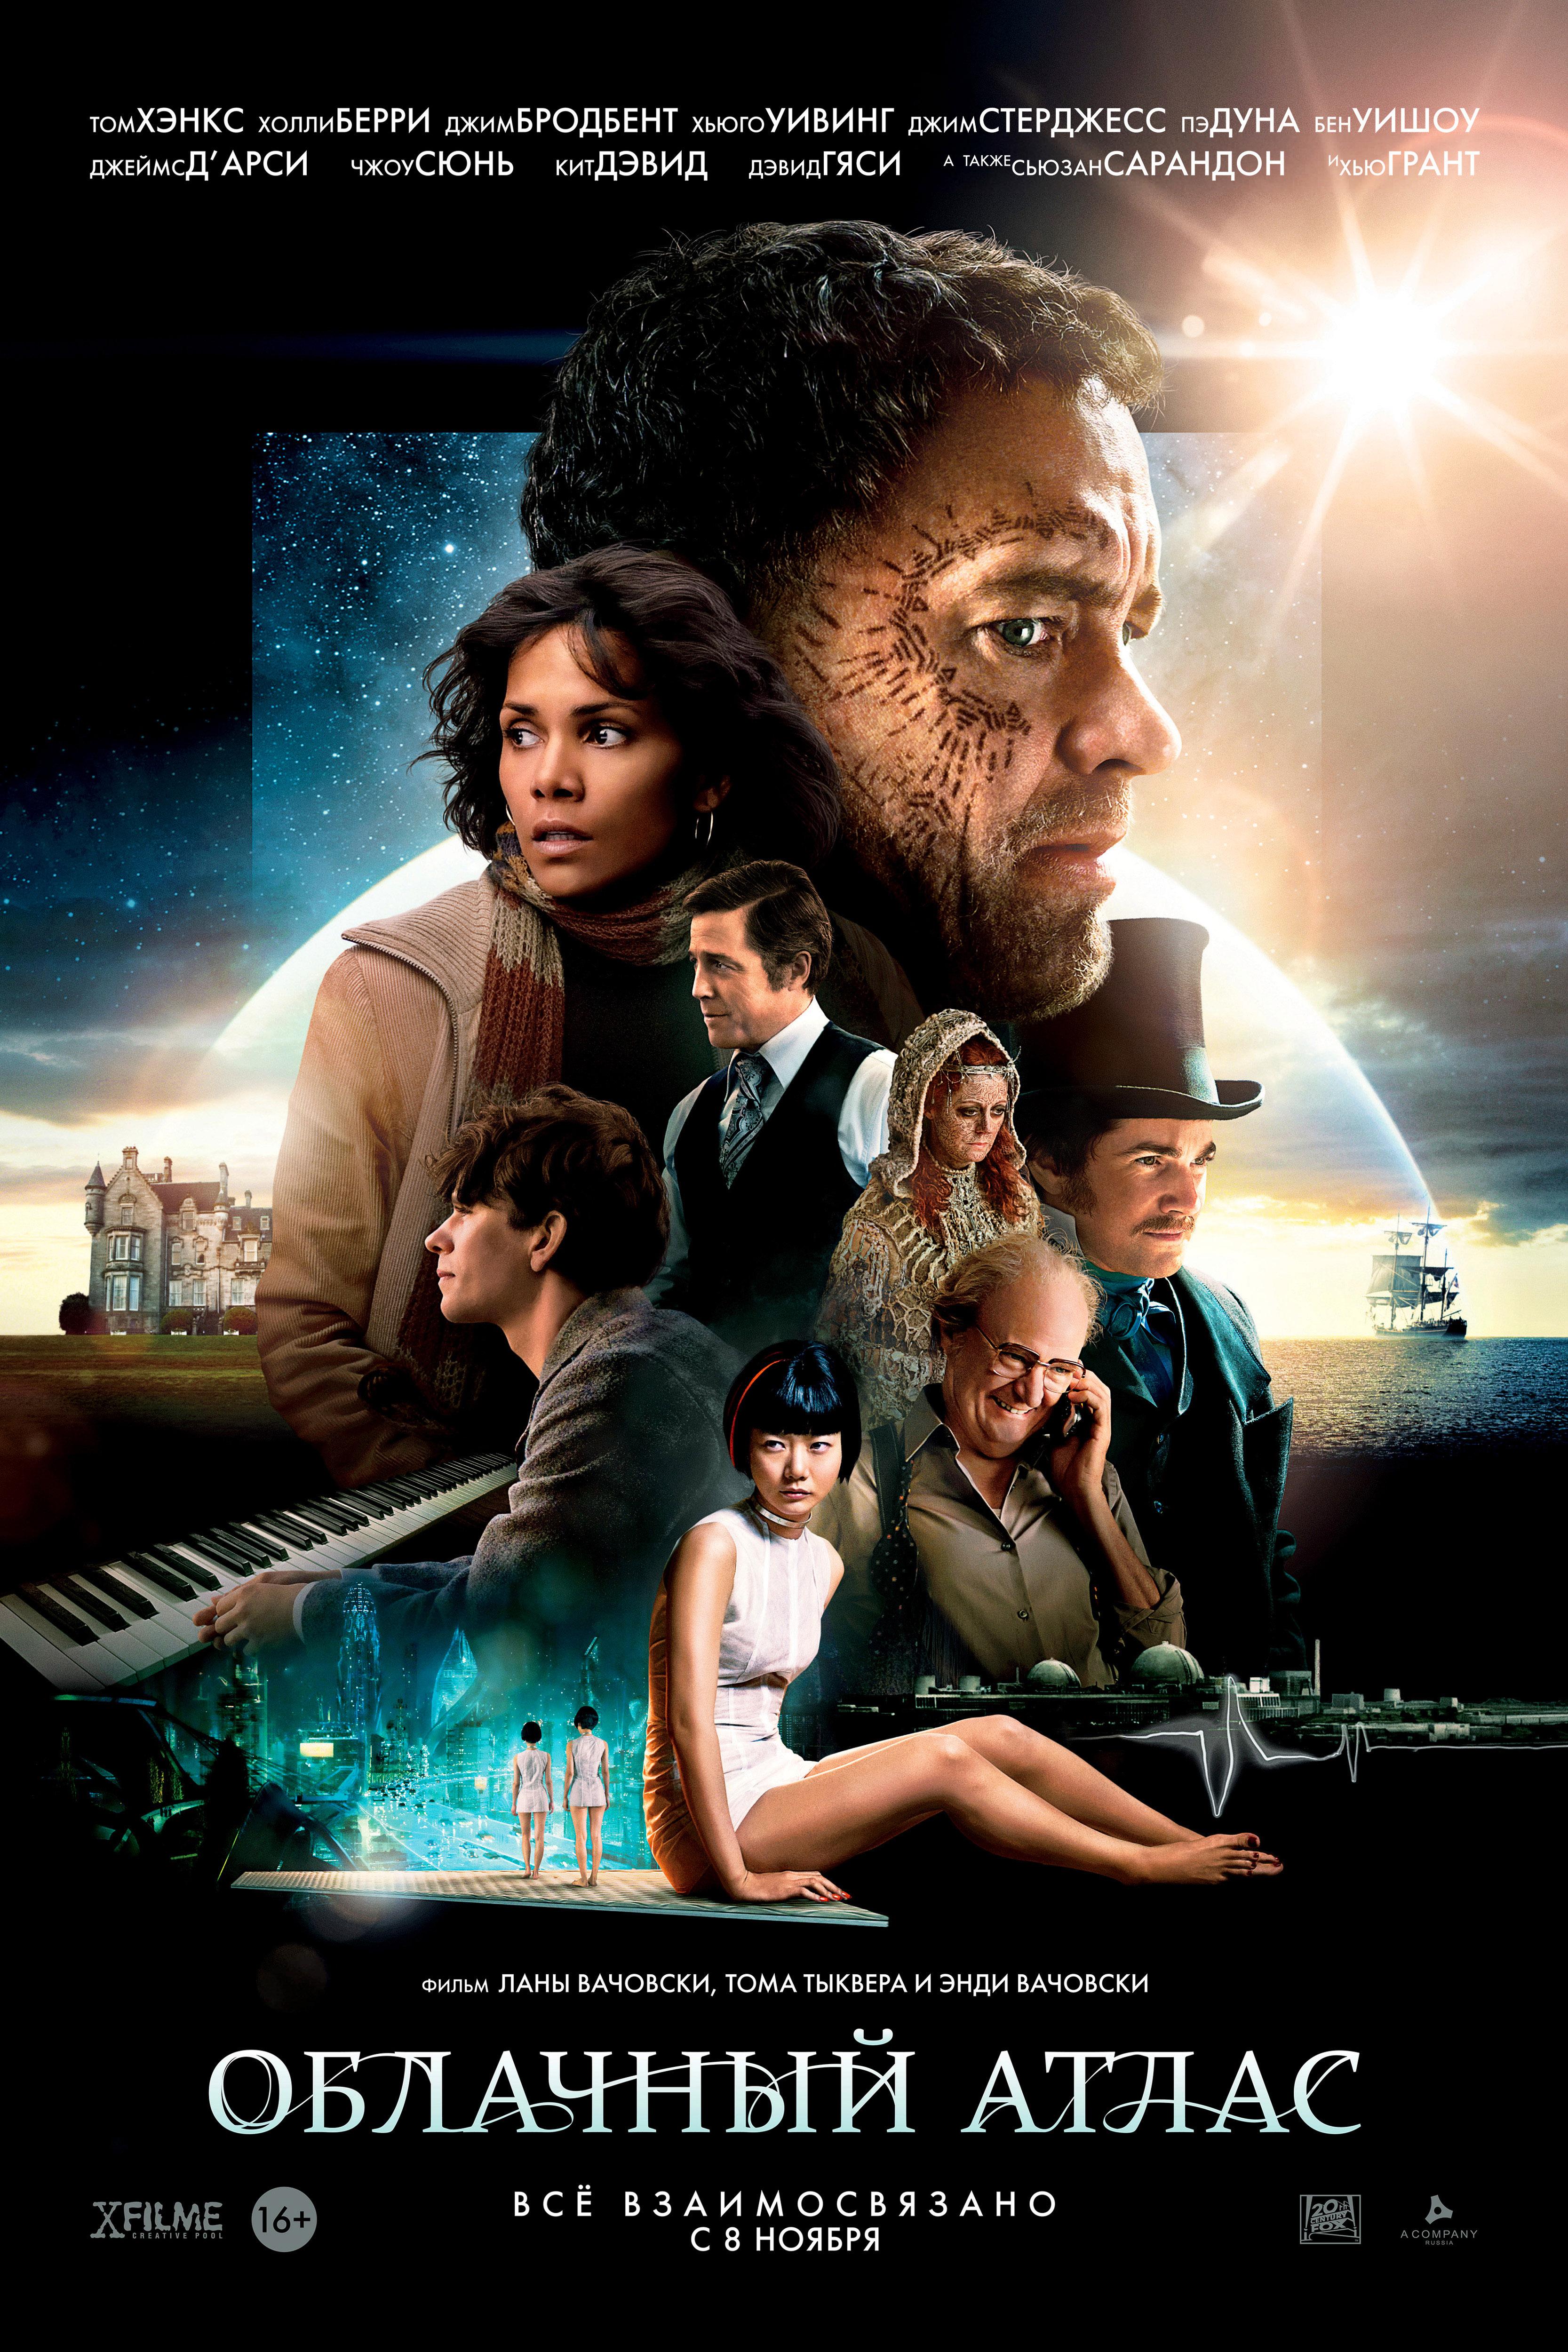 плакат фильма постер локализованные Облачный атлас